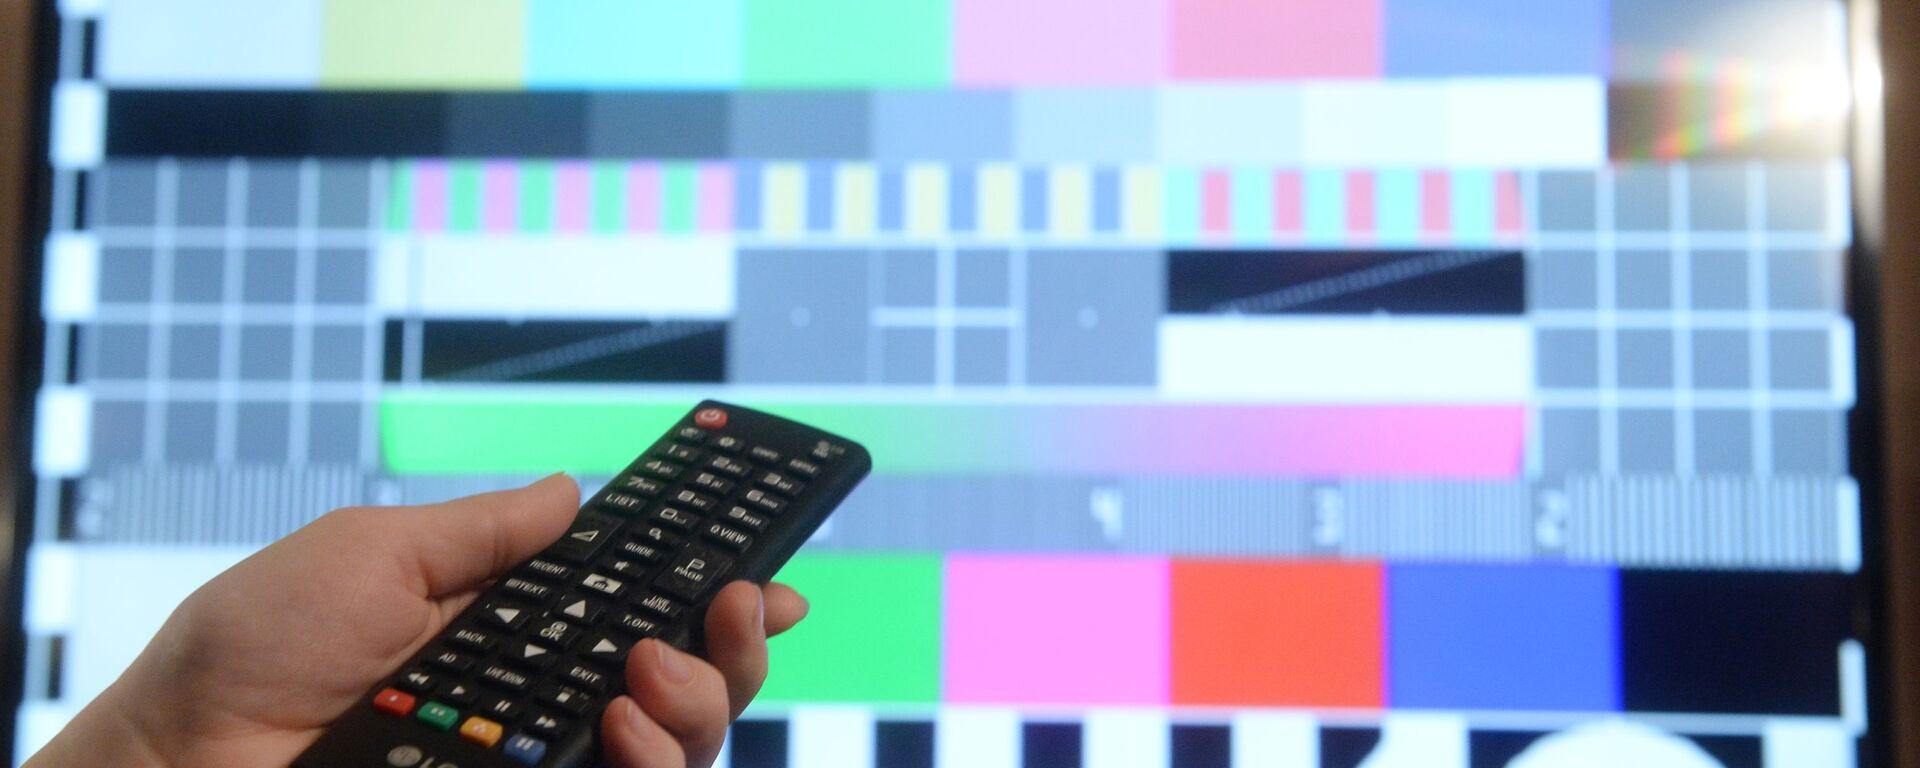 Телевизионная испытательная таблица на экране телевизора - Sputnik Латвия, 1920, 28.09.2021